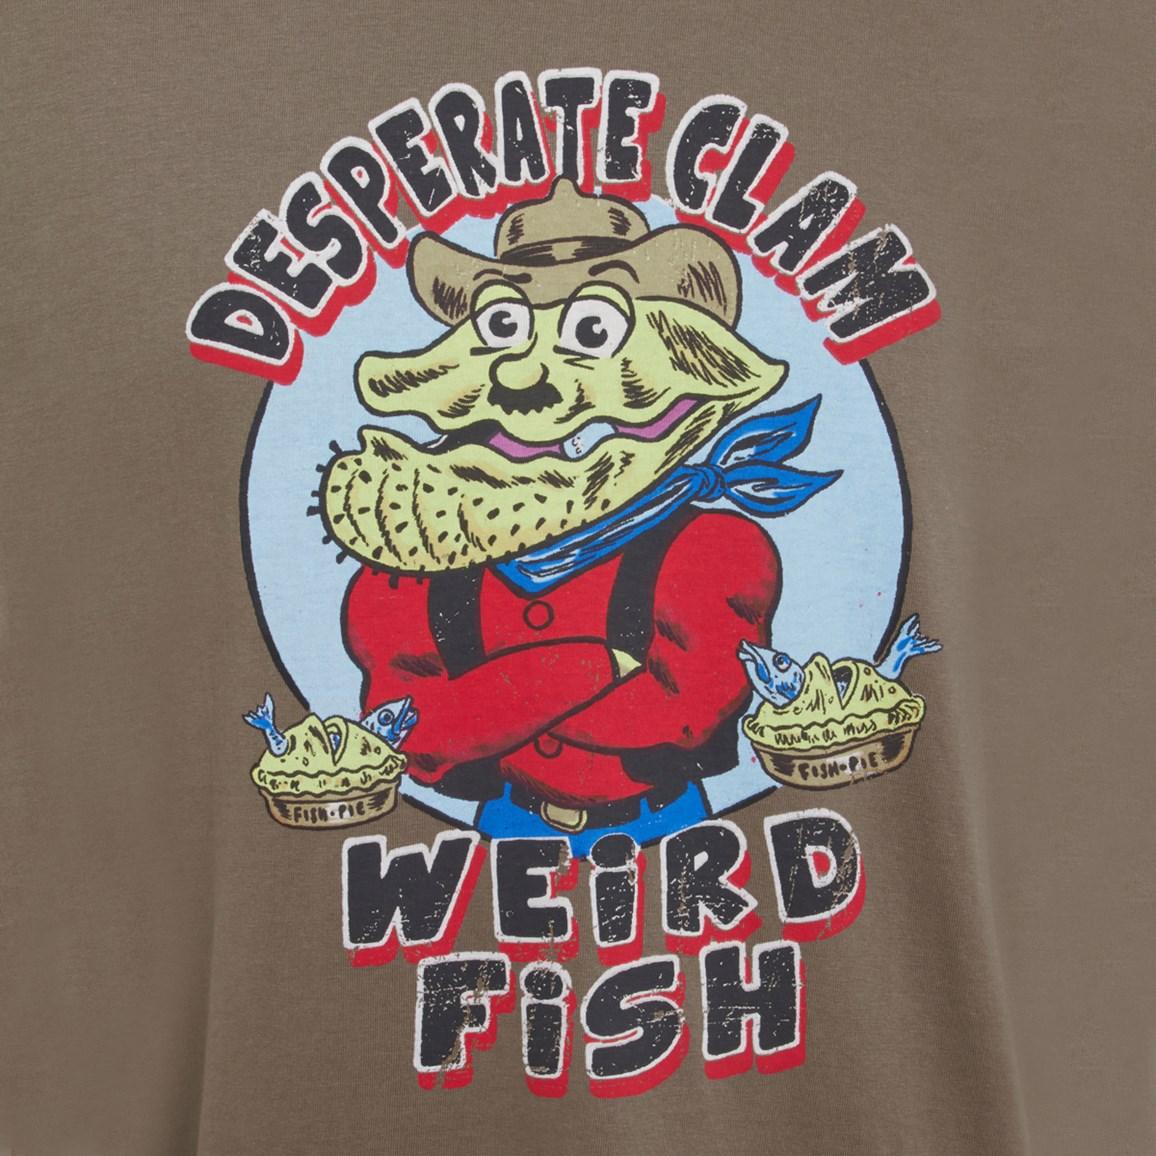 Image of Weird Fish Desperate Clam Artist T-Shirt Mushroom Size 4XL